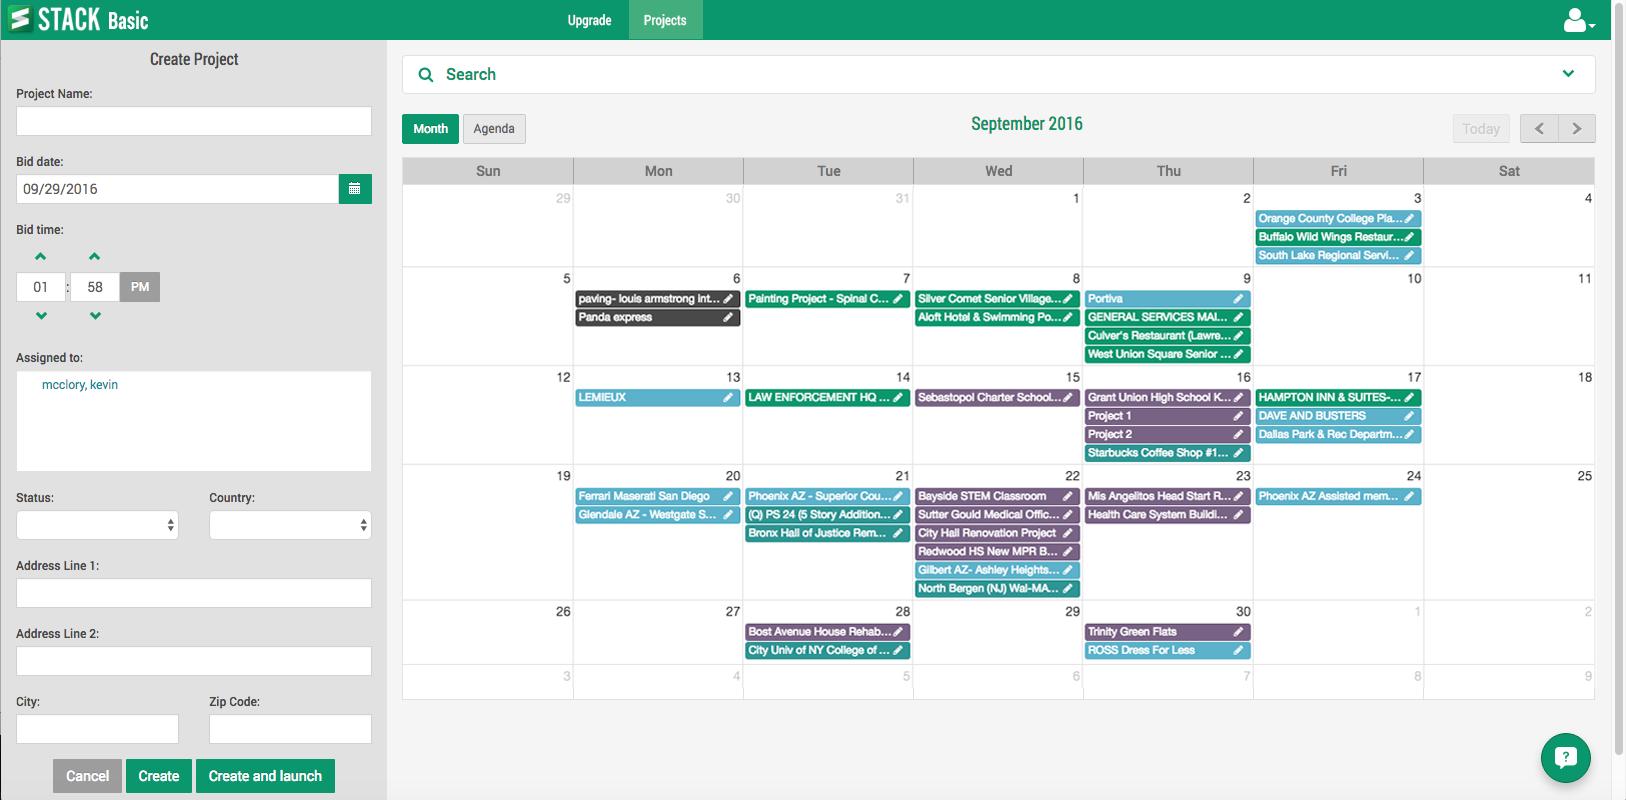 Bid calendar